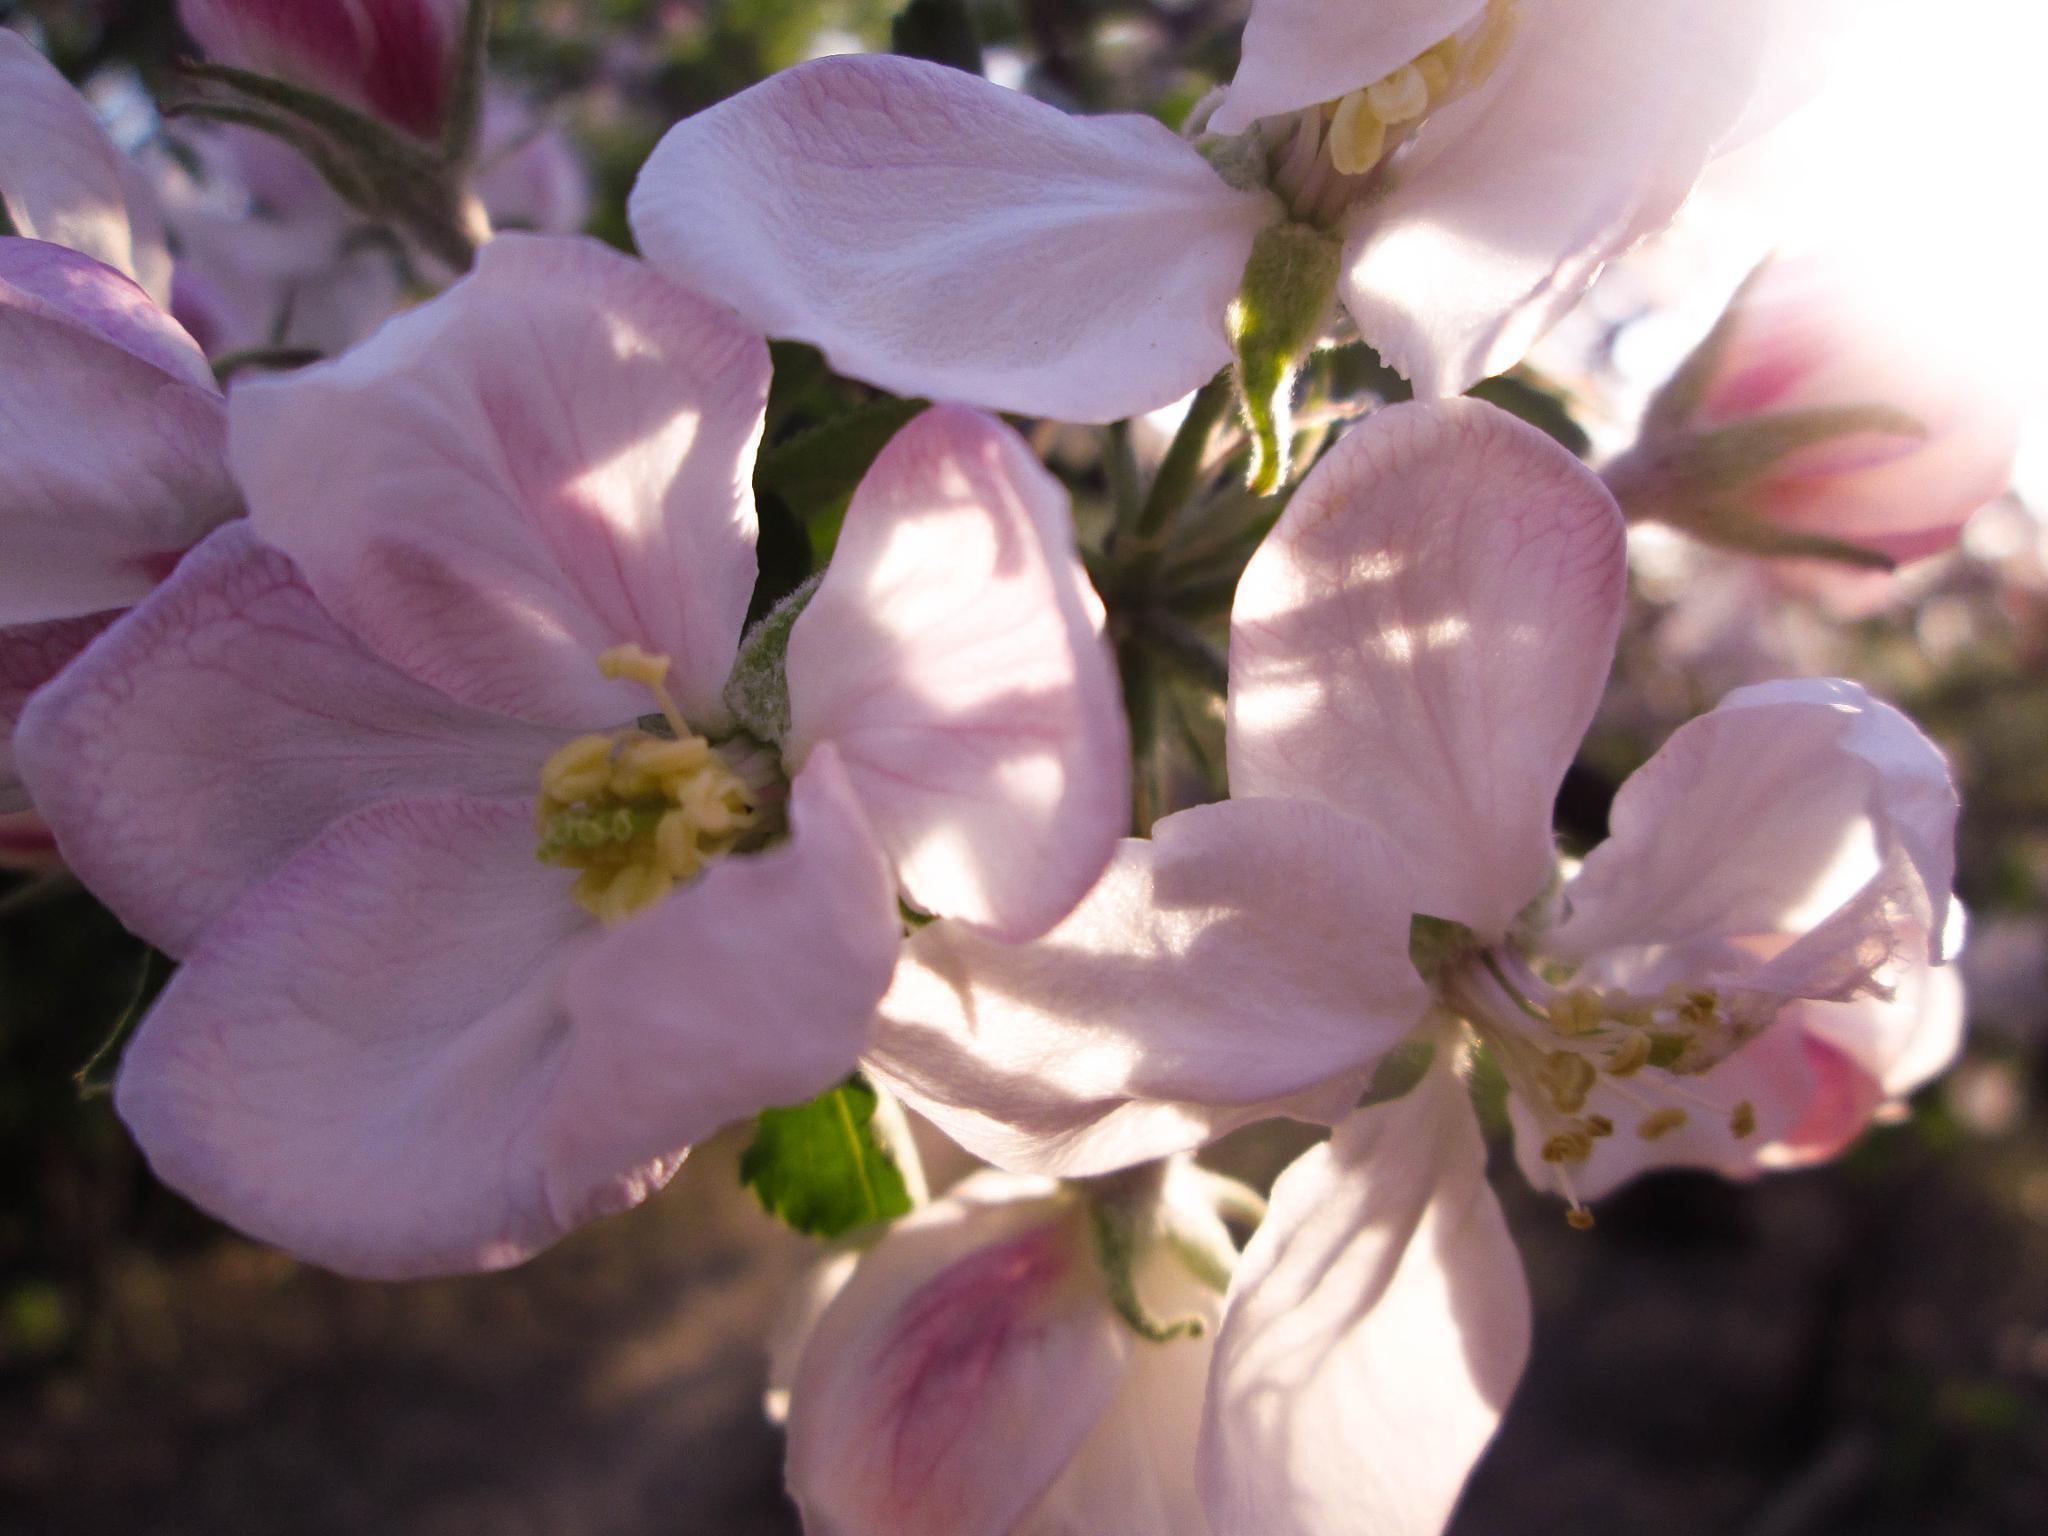 Apple tree flowers 1 by Bucur Stefan